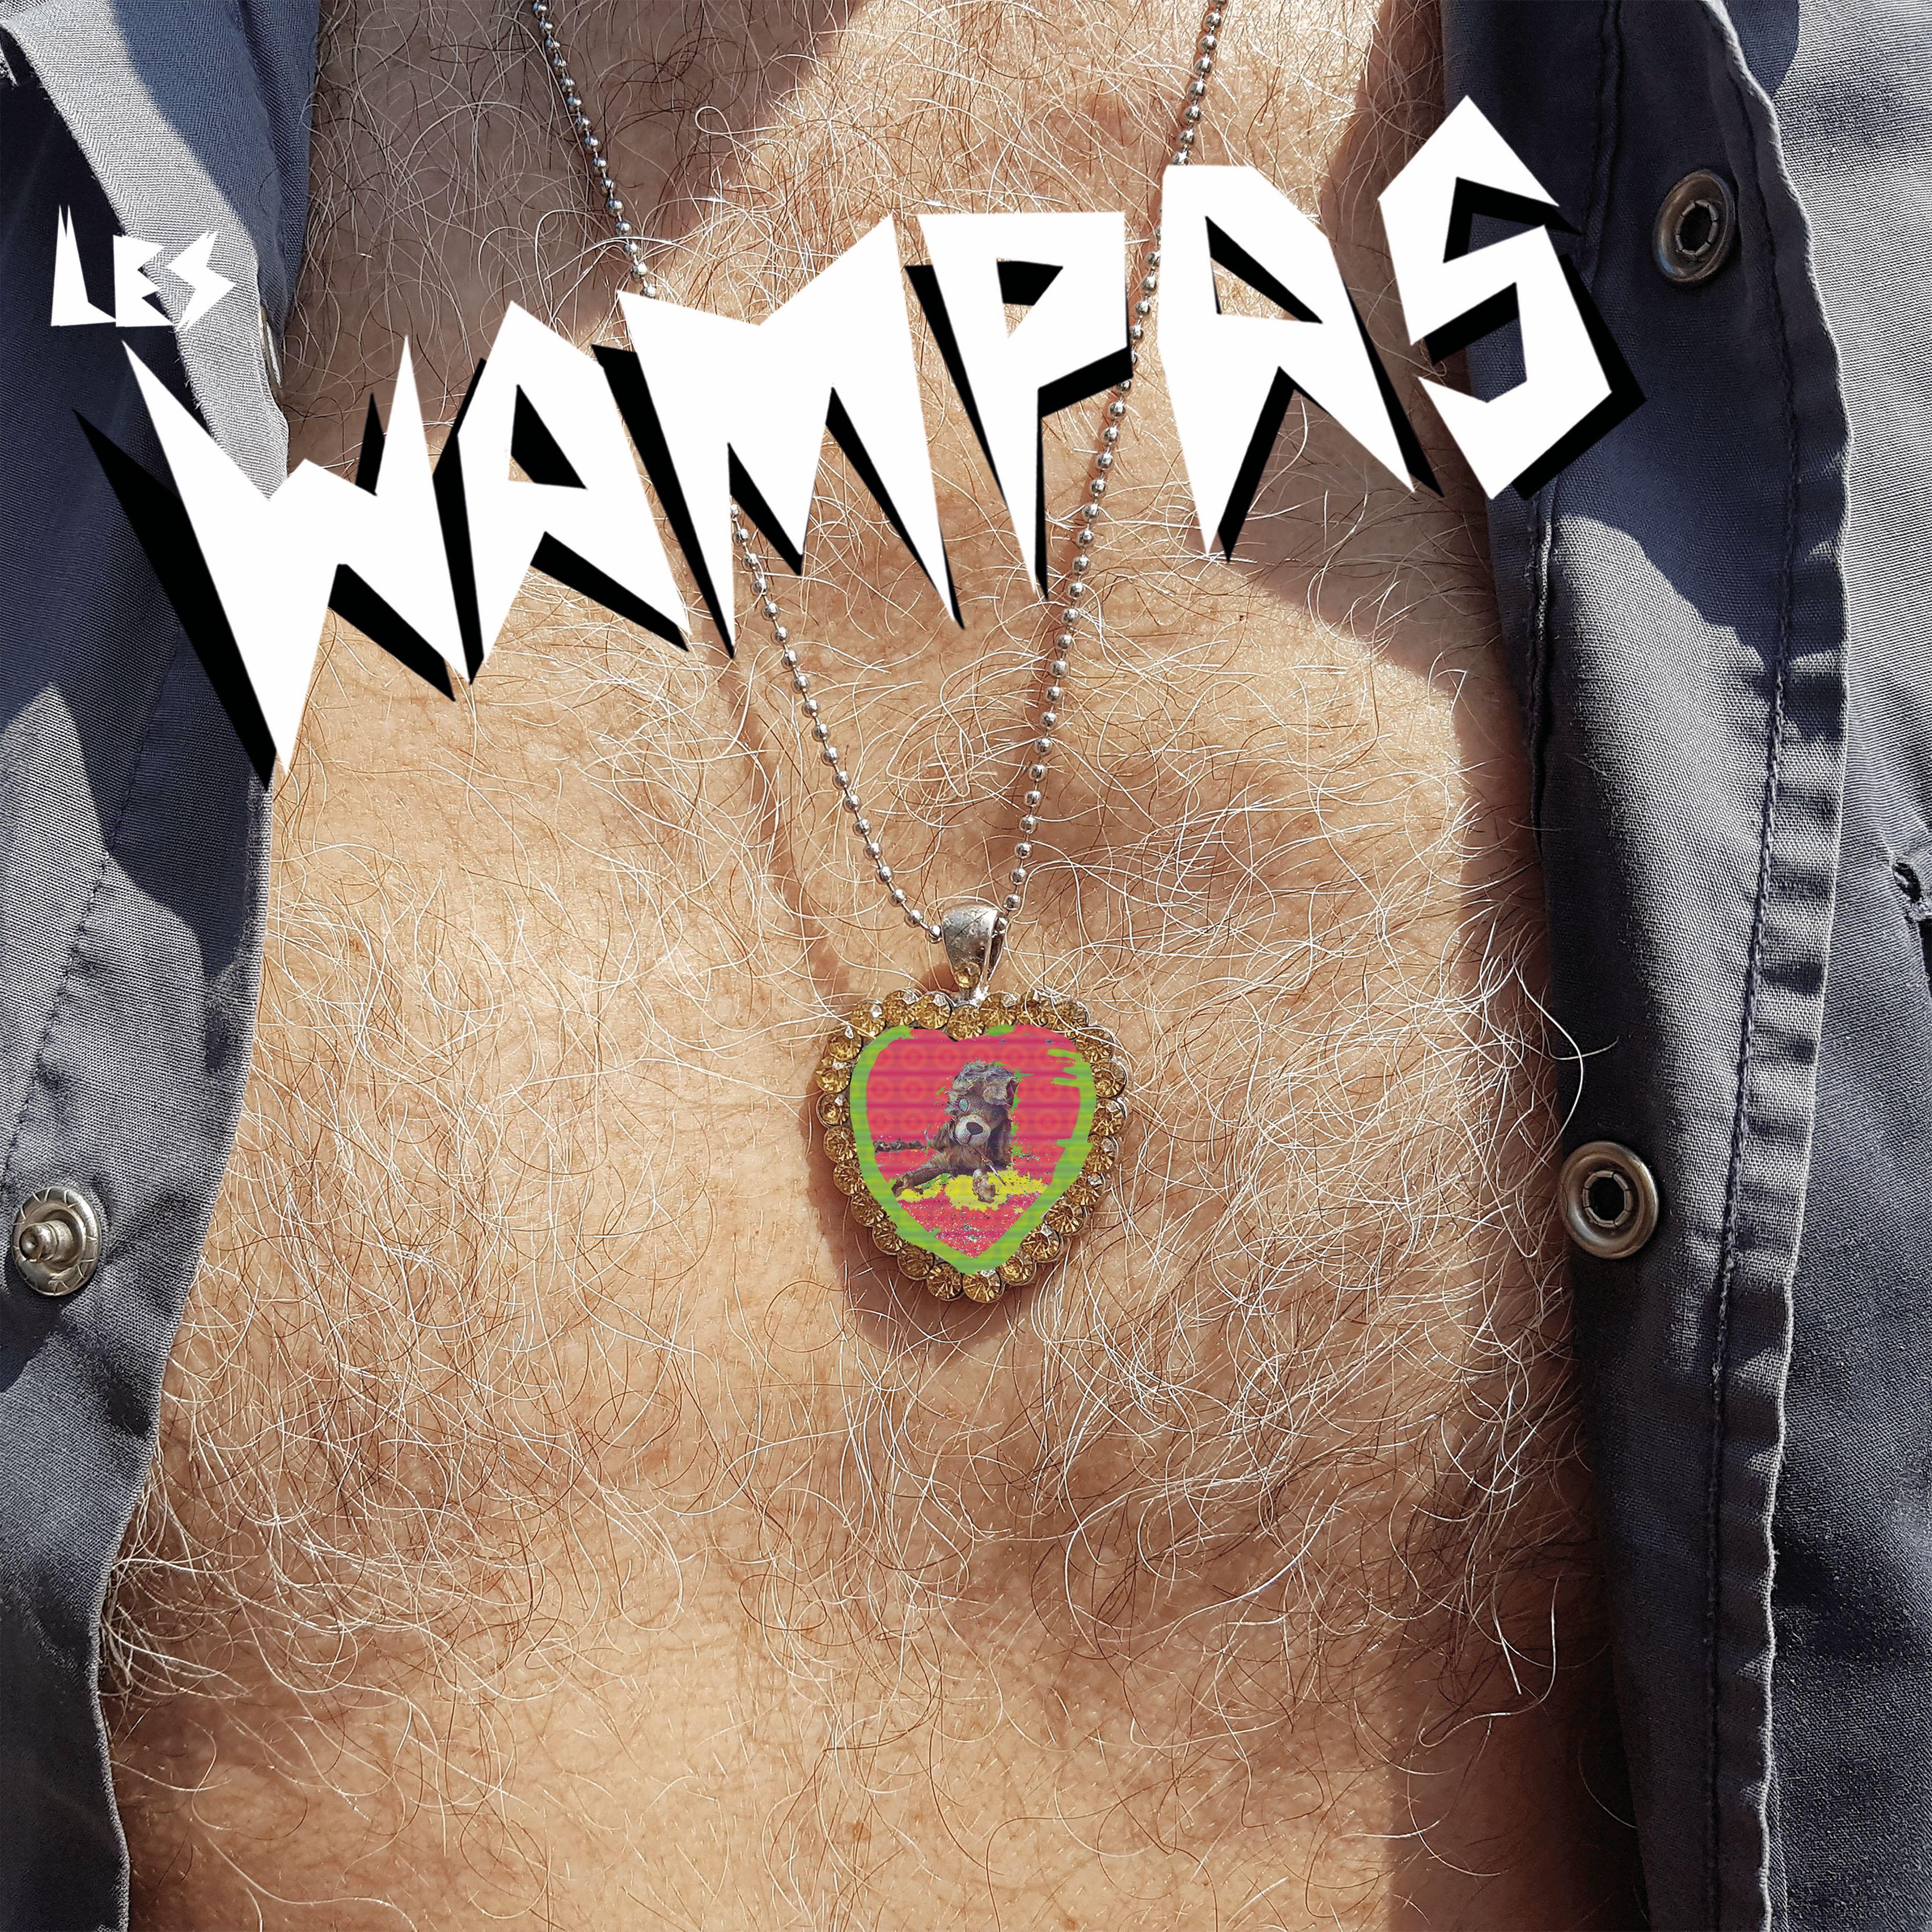 Les Wampas - Sauvre Le Monde album cover